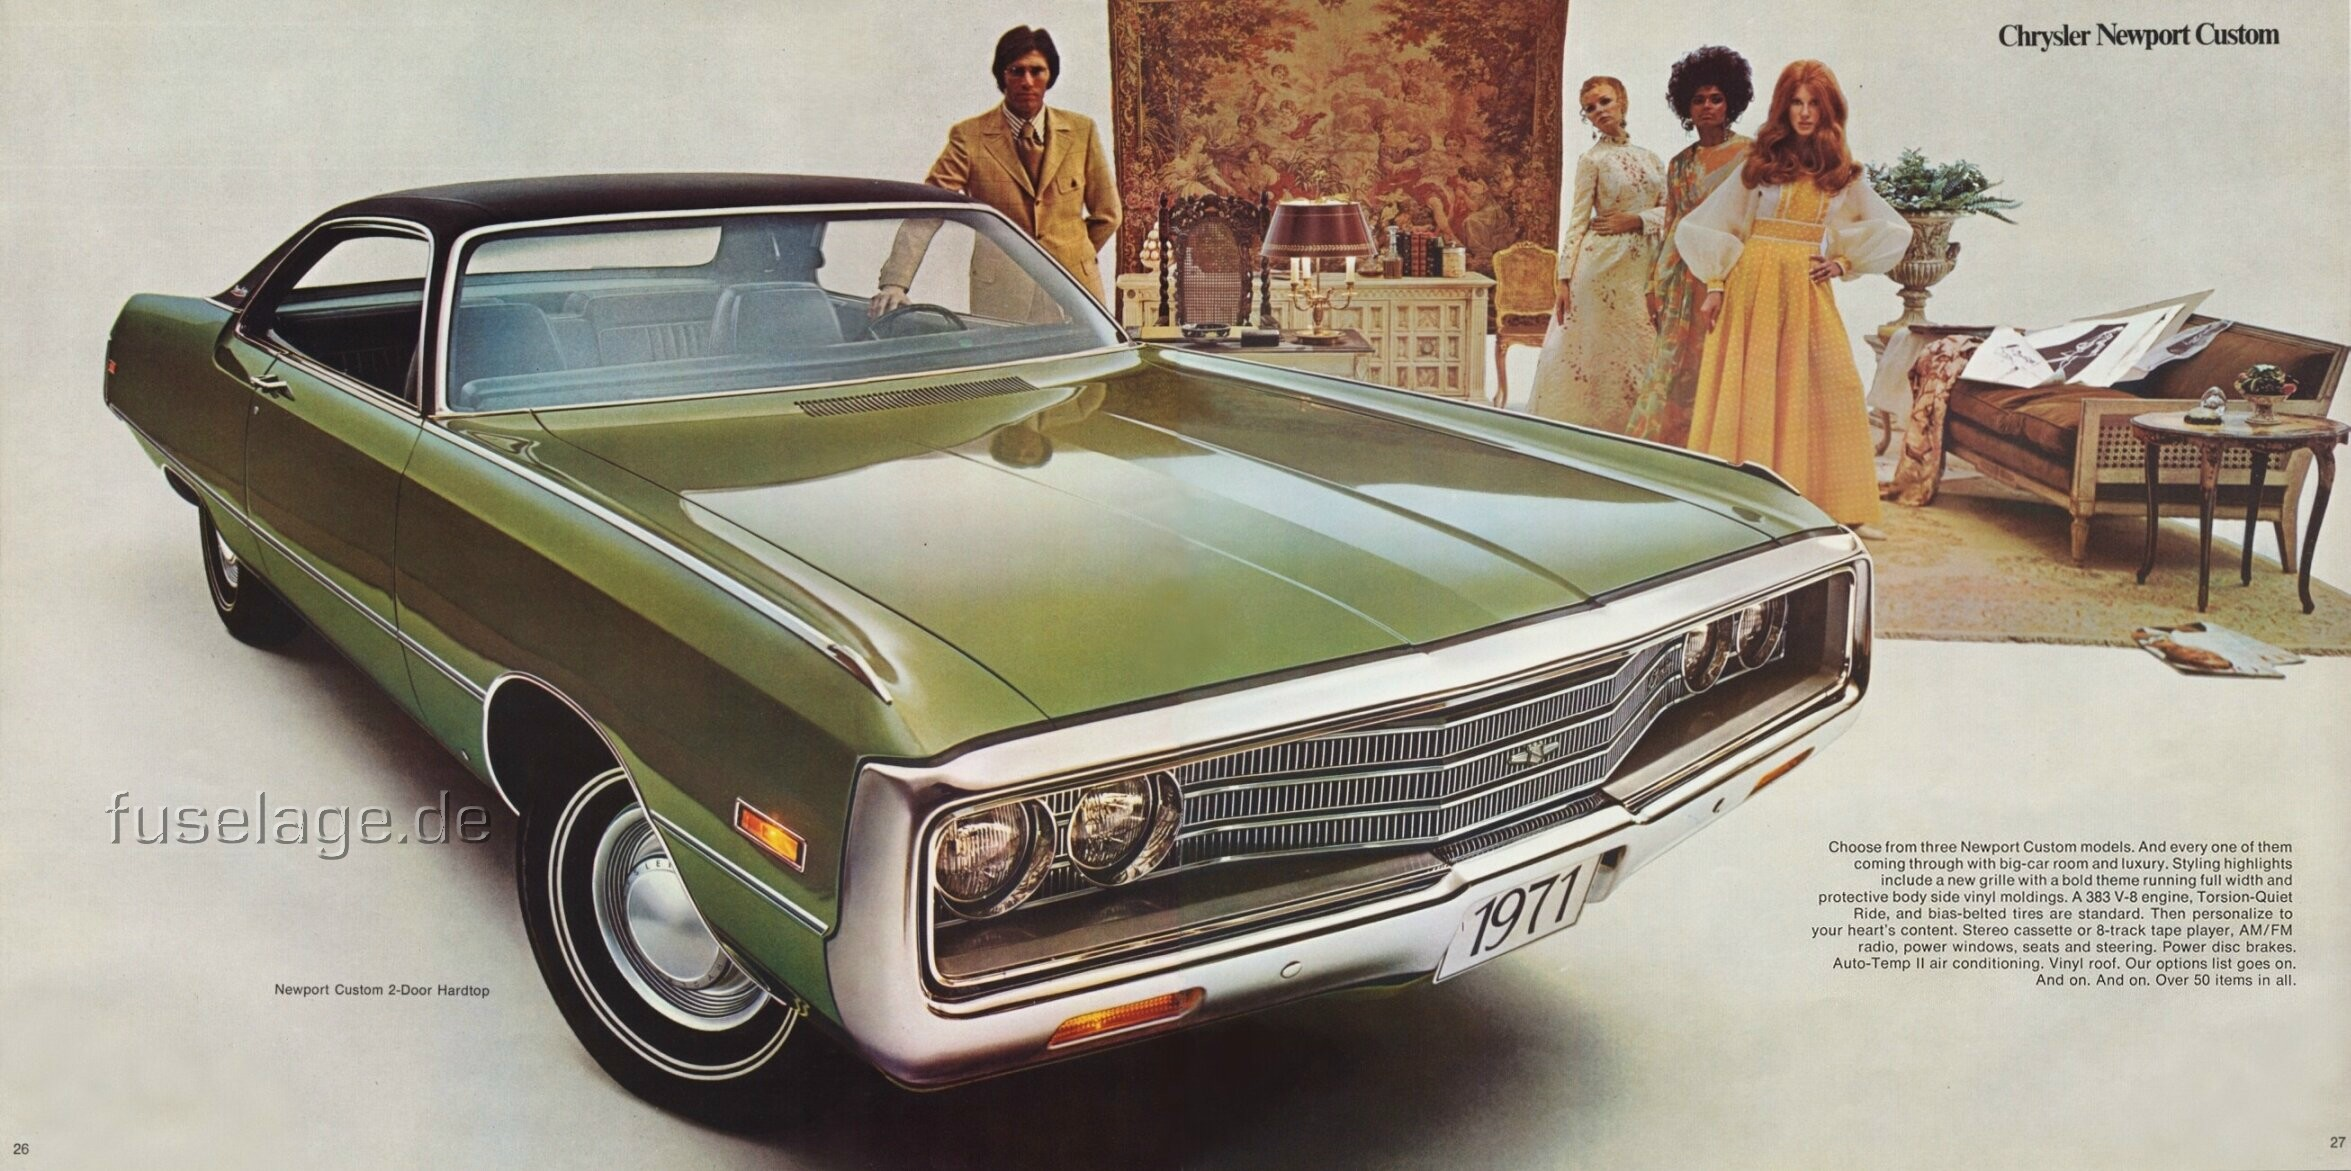 1970 Chrysler Imperial Newport